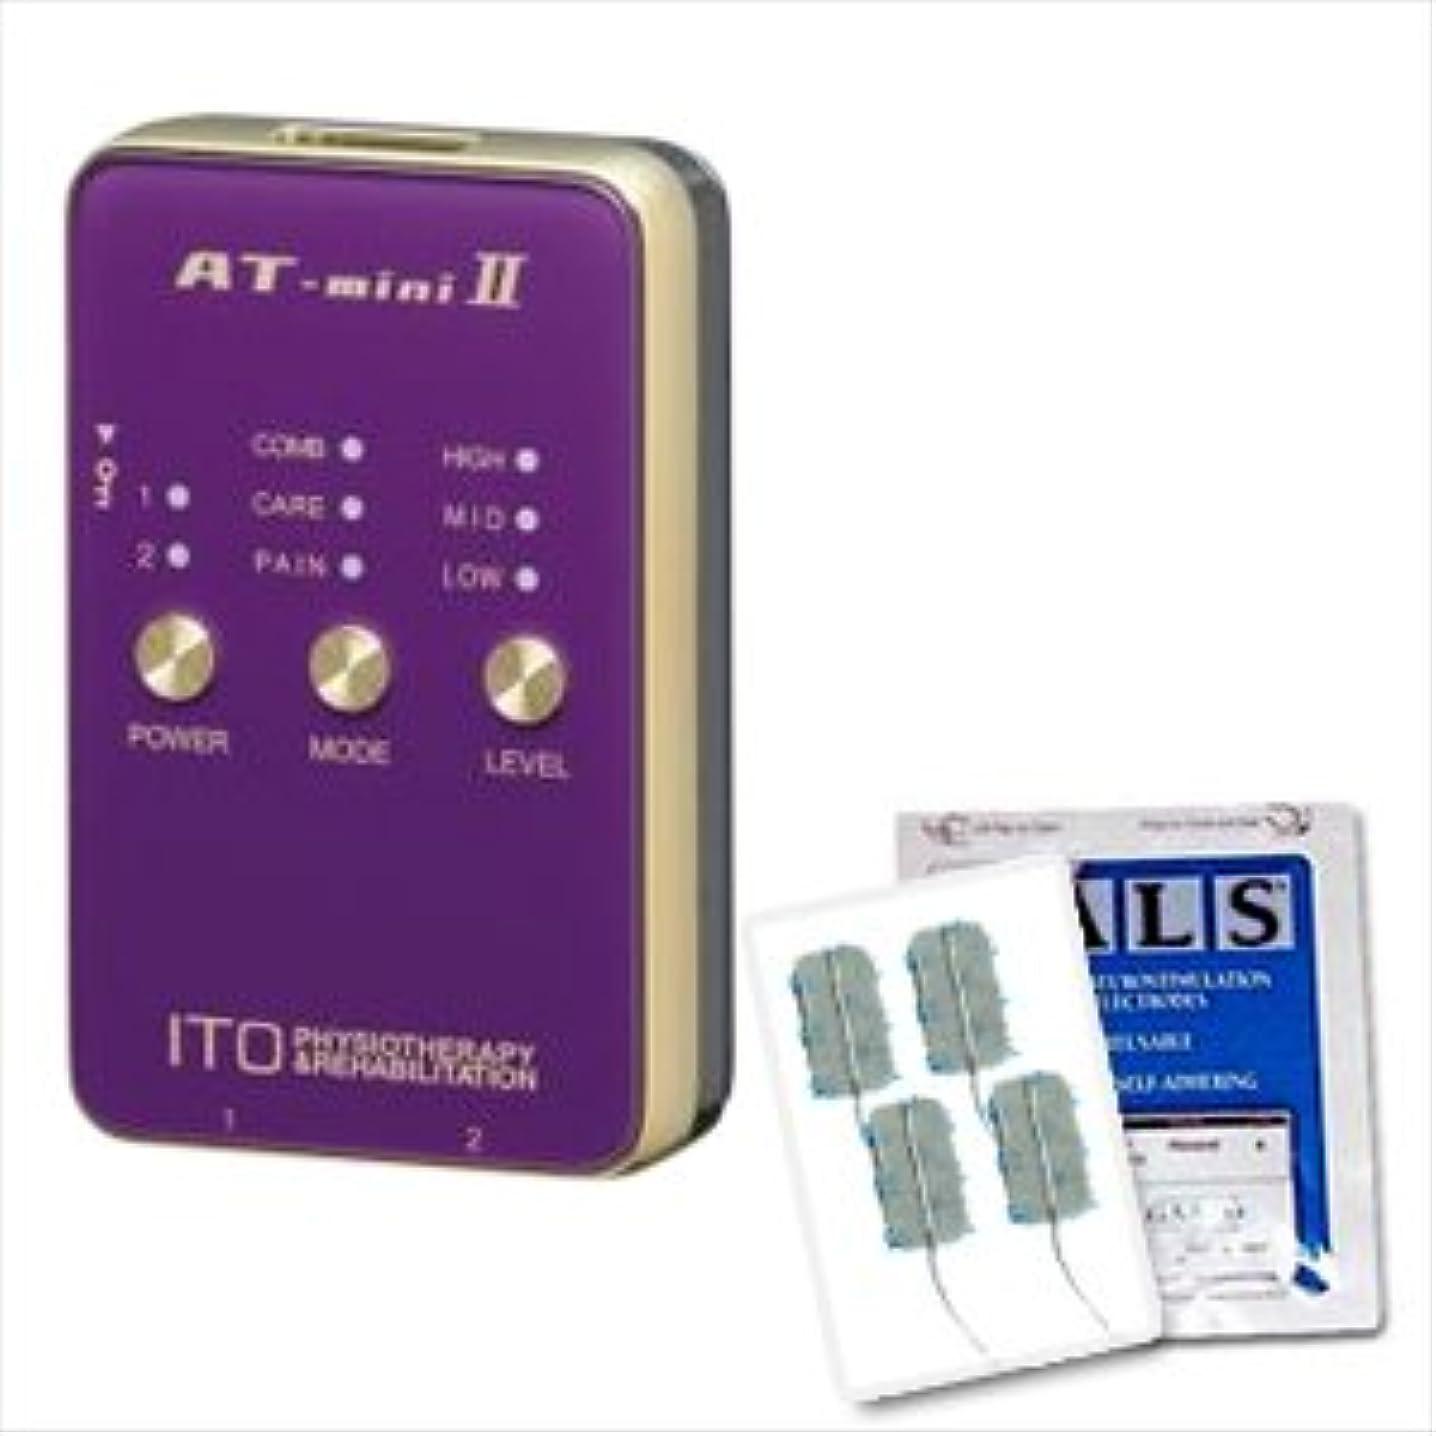 子孫委員会便利低周波治療器 AT-mini II パープル +アクセルガードLサイズ(5x9cm:1袋4枚入)セット